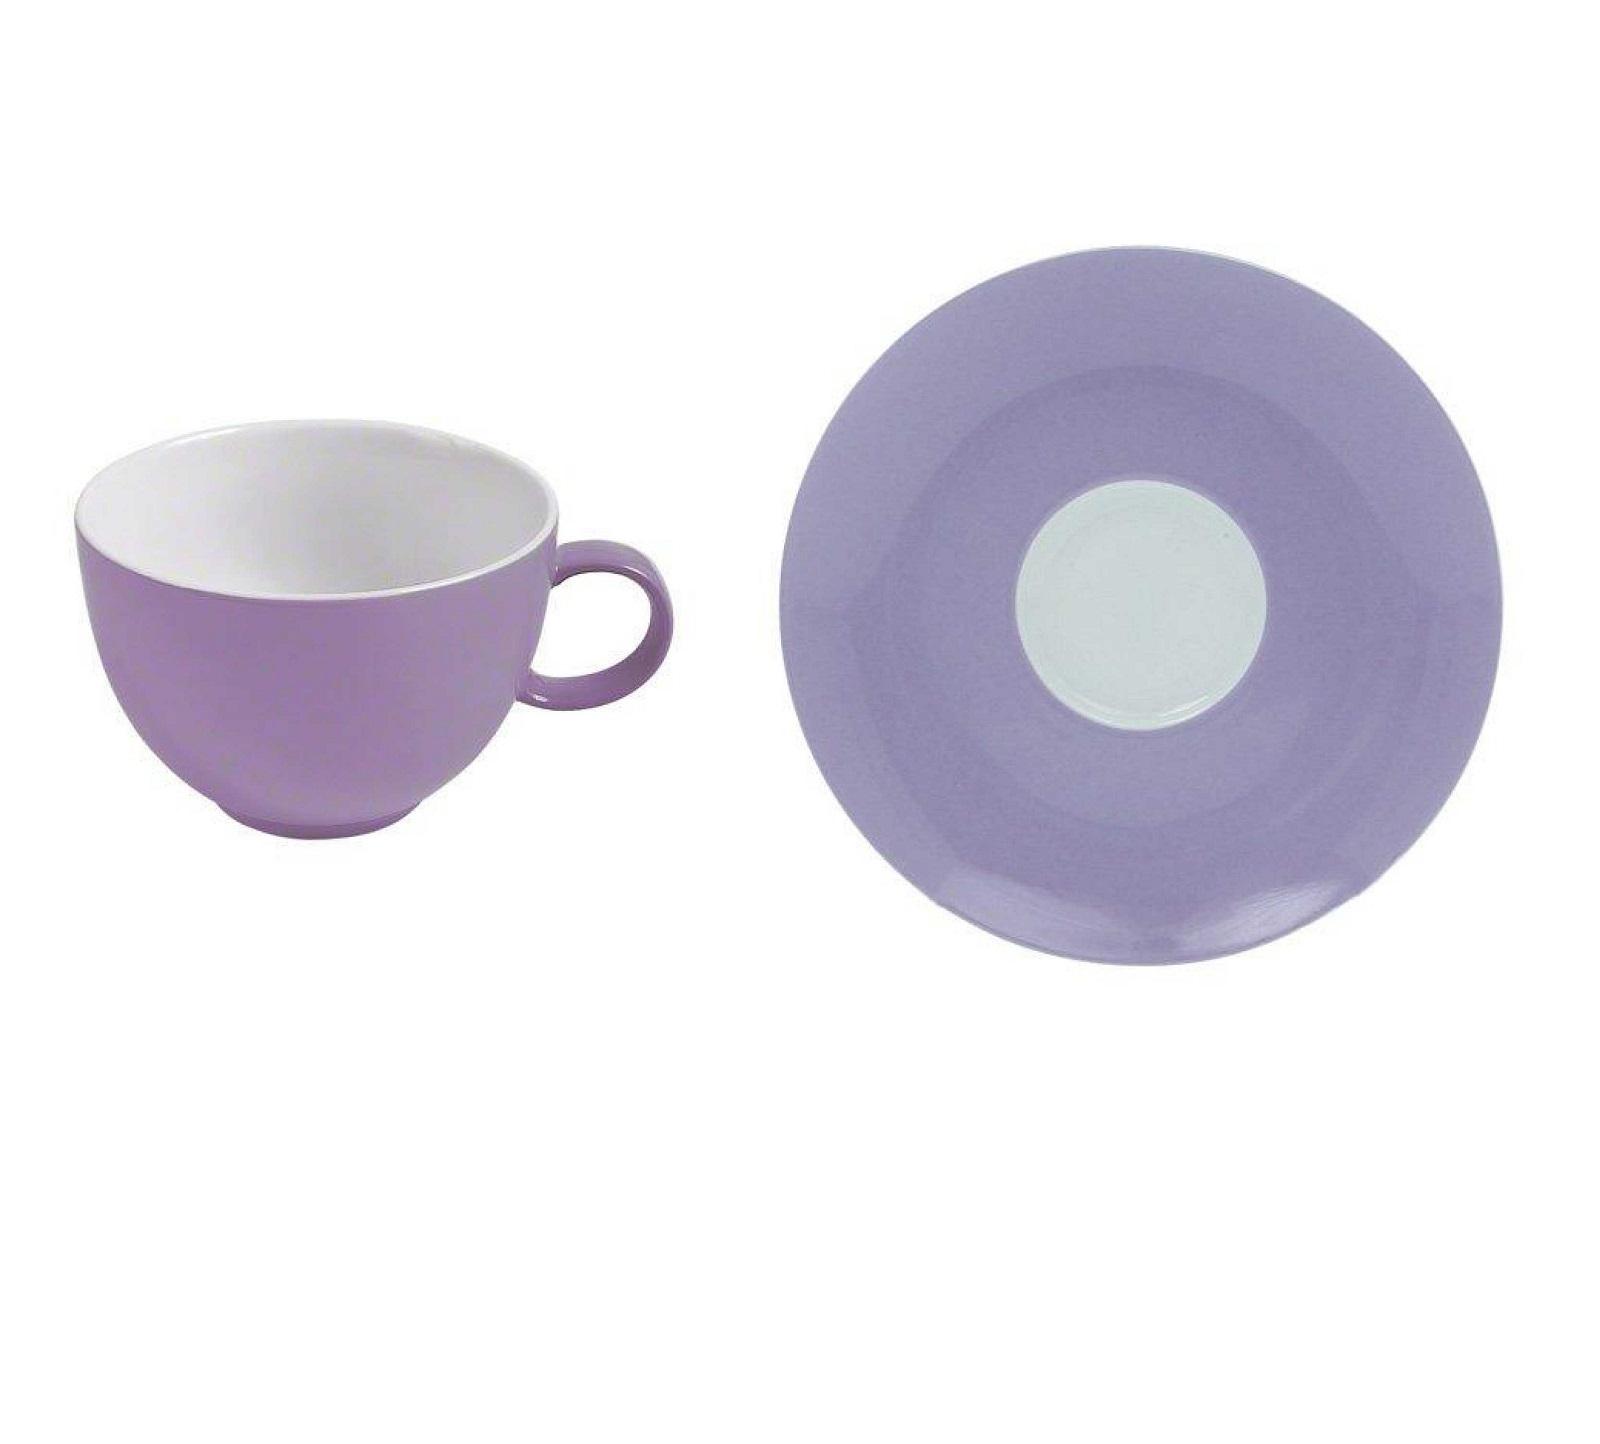 Набор чашка с блюдцем Rosenthal SUNNY DAY, объем 0,2 л, фиолетовый, 2 предмета Rosenthal 10850-408531-14640 фото 0